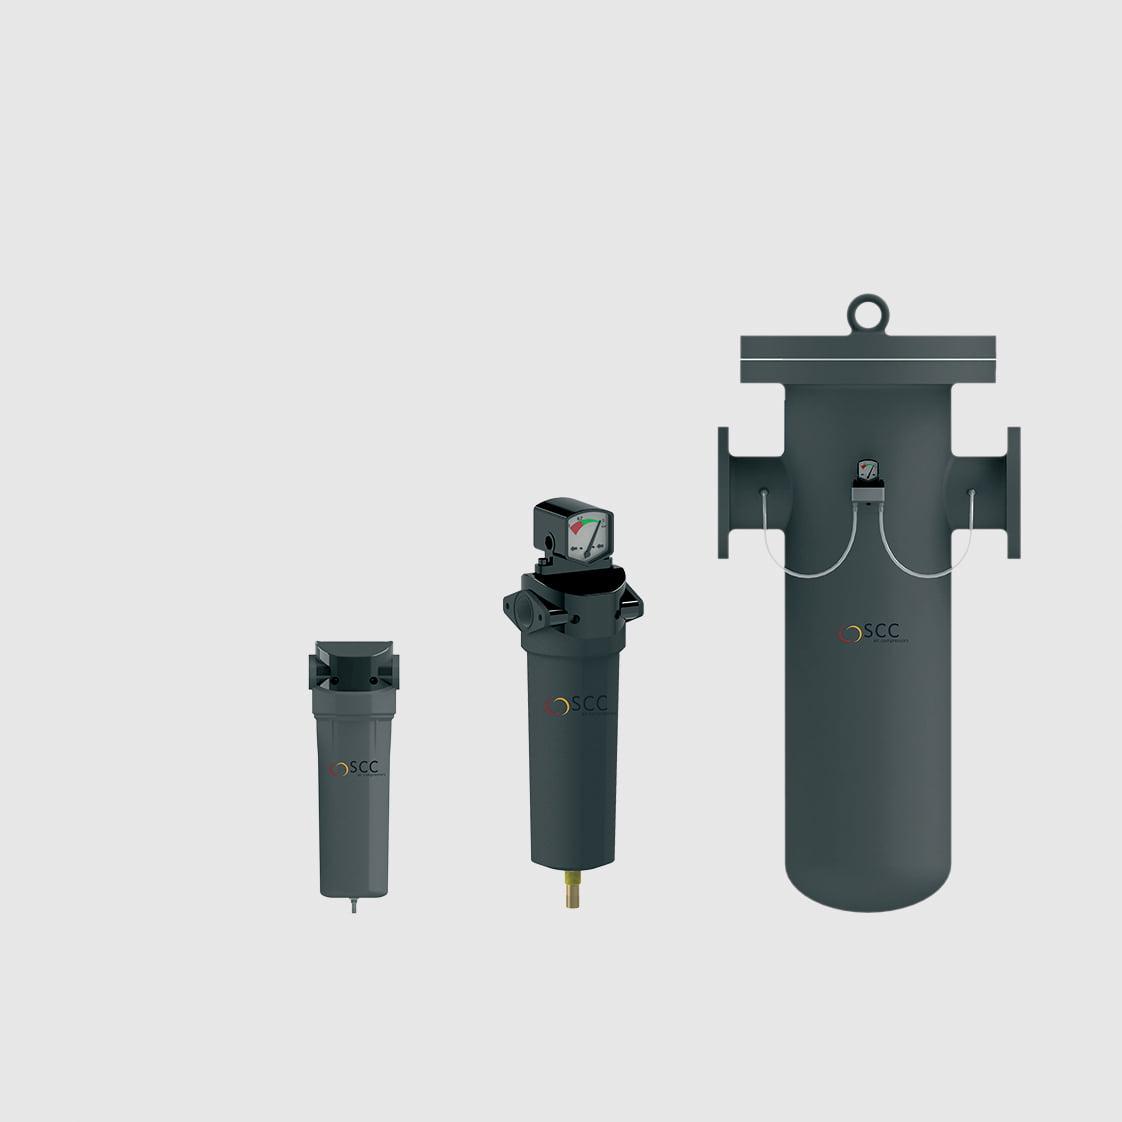 FIL. Filters системи за Сгъстен въздух Бс Компресори БС Компресори ЕООД Дистрибуция, продажби и сервиз на компресорна техника